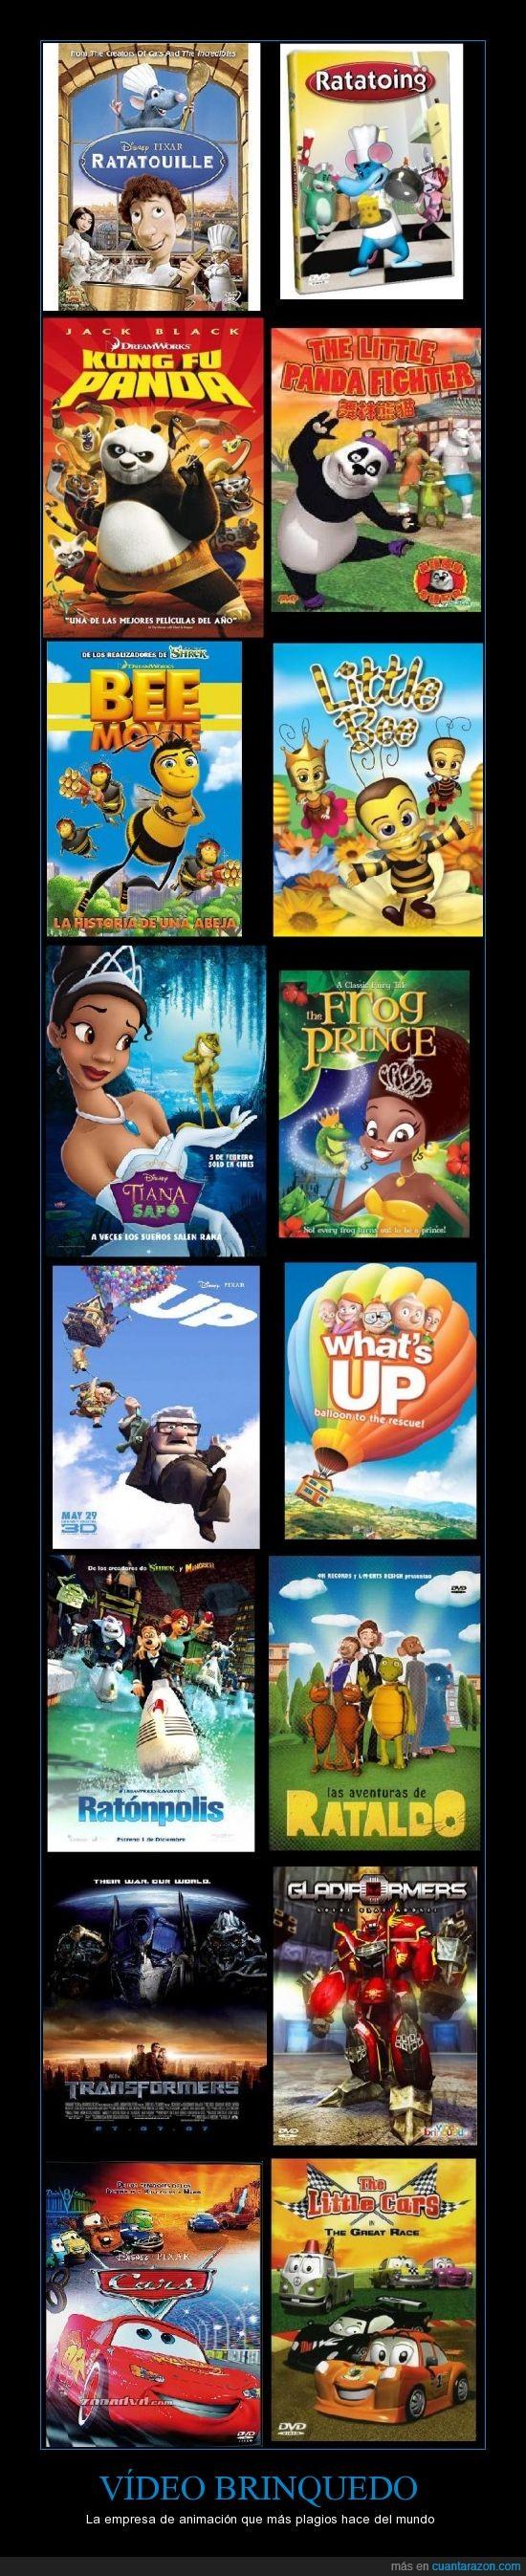 animación,brasileños,películas,plagios,que raro que no sean chinos,vídeo brinquedo